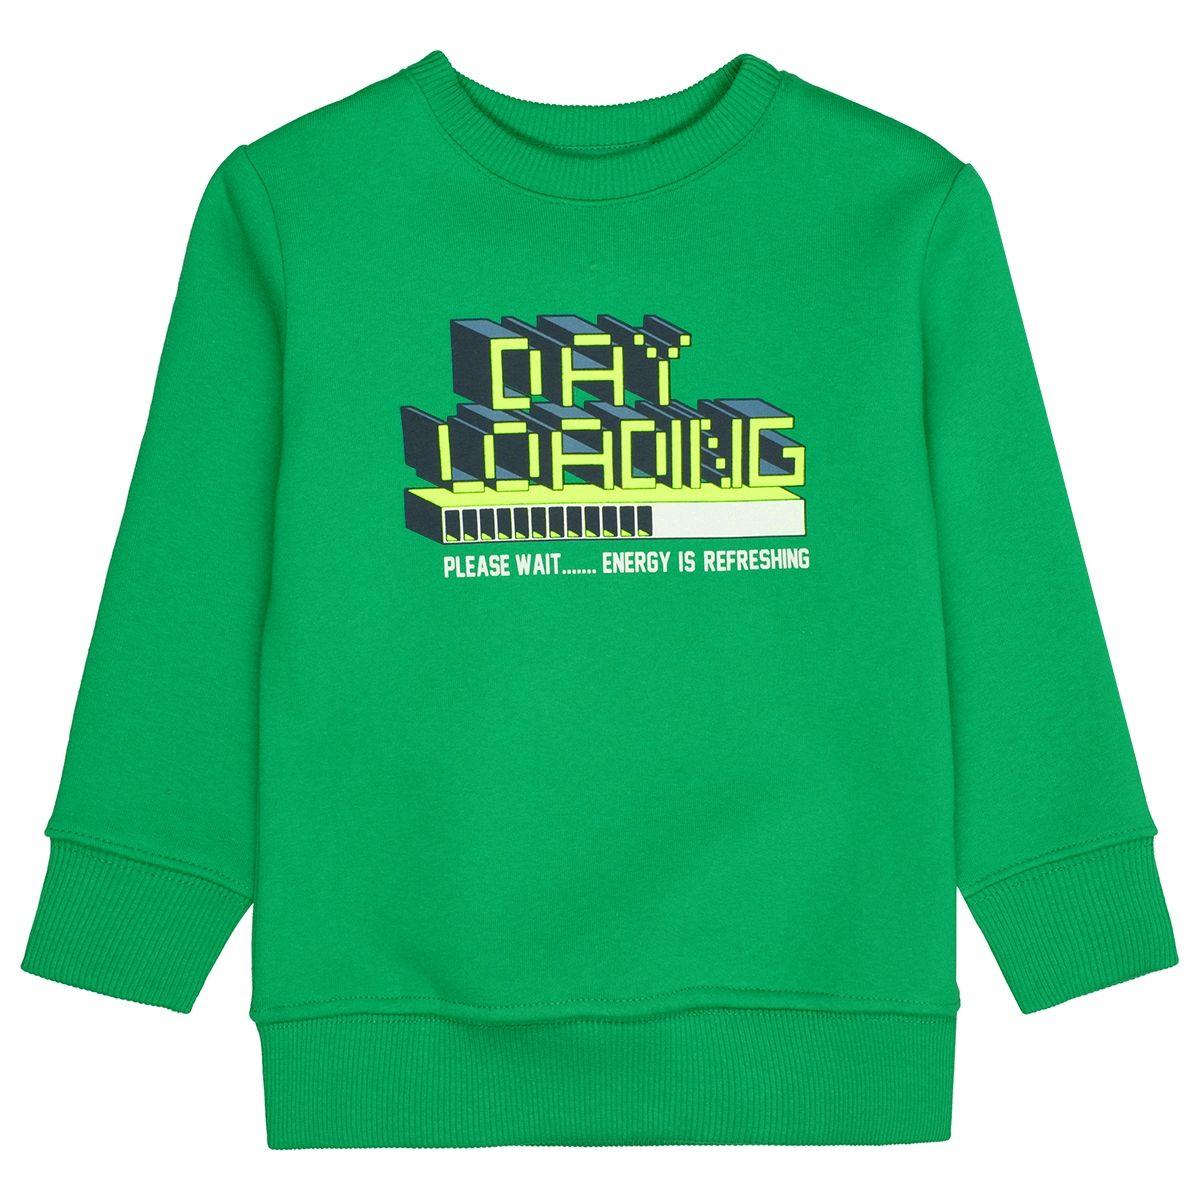 ATTENTION Sweatshirt mit Neon-Print - Green